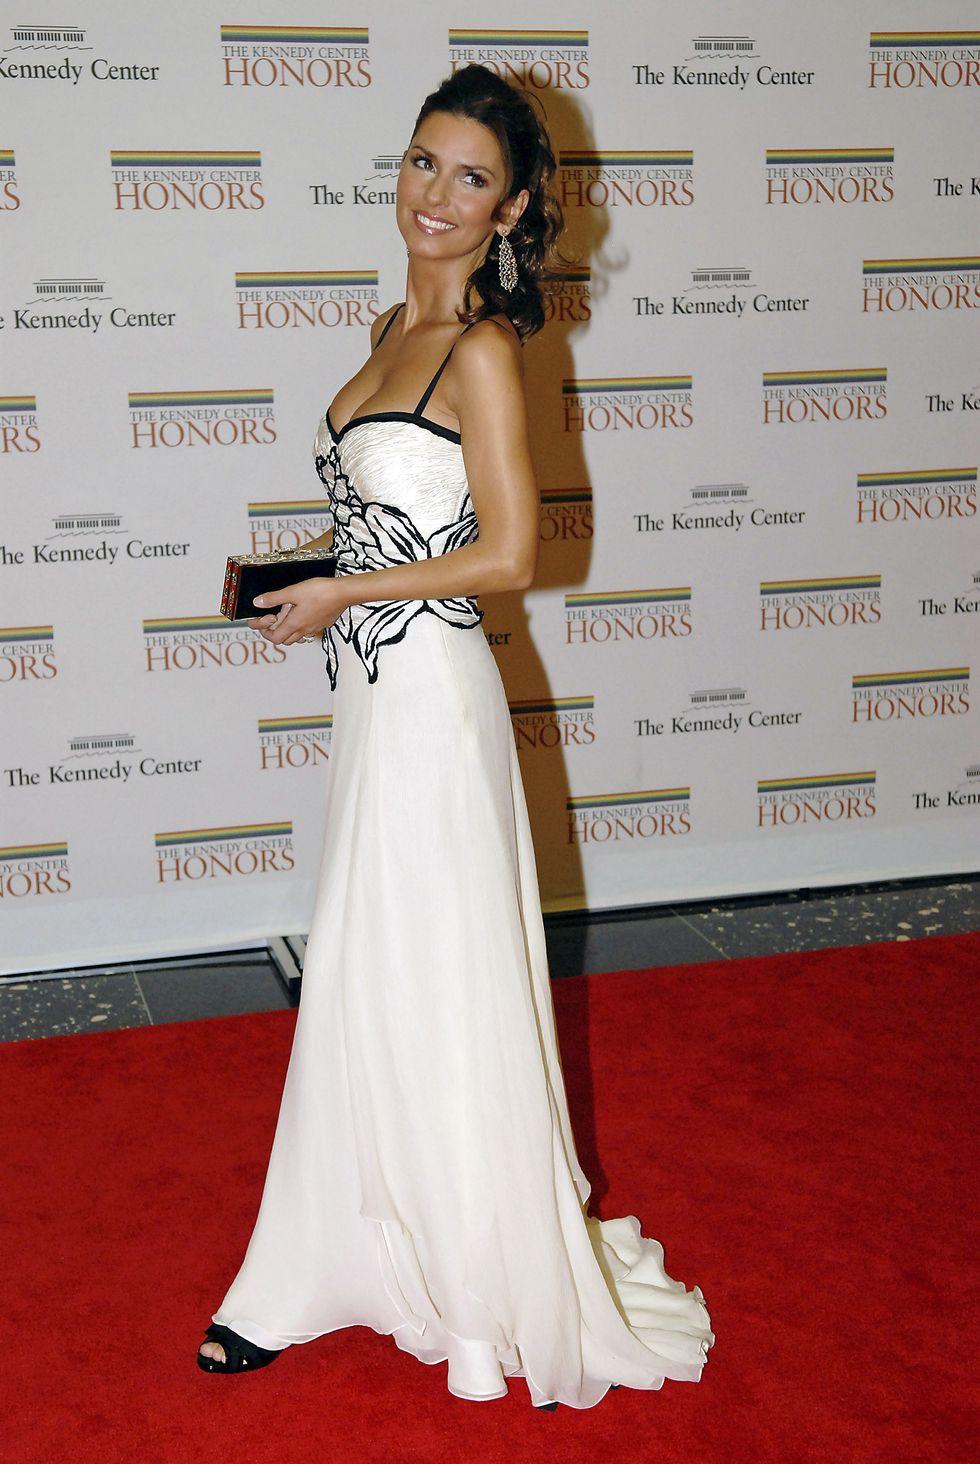 Shania Twain (Photo by Scott Suchman/WireImage)